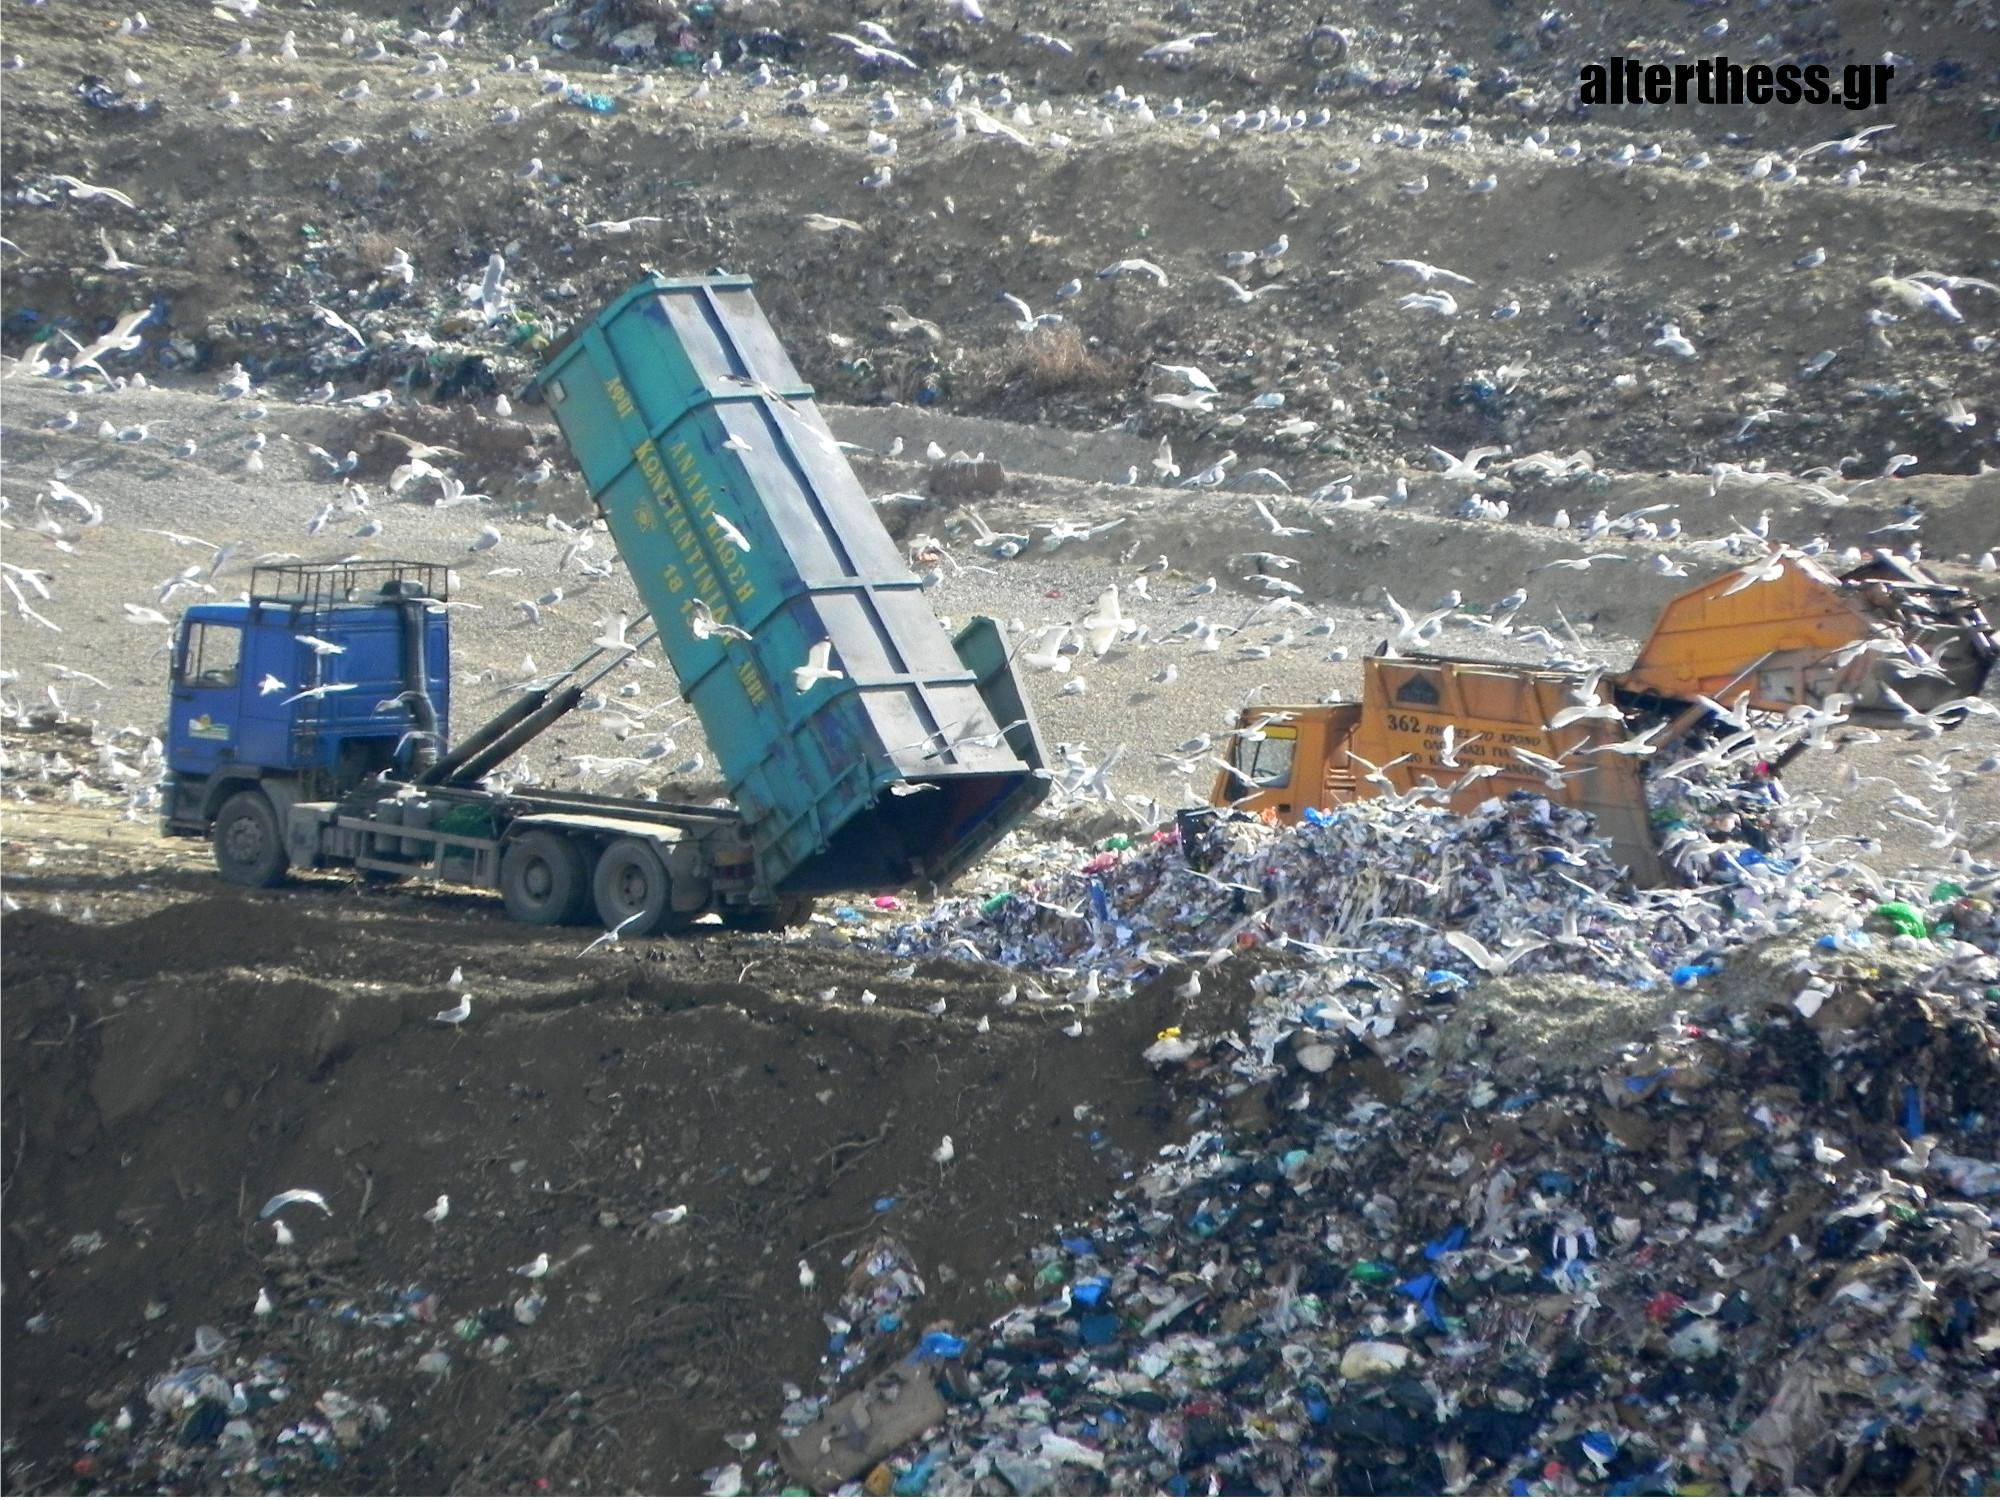 «Όχι» στην Μονάδα Αποβλήτων στη Μαυροράχη από την Οικολογία-Αλληλεγγύη